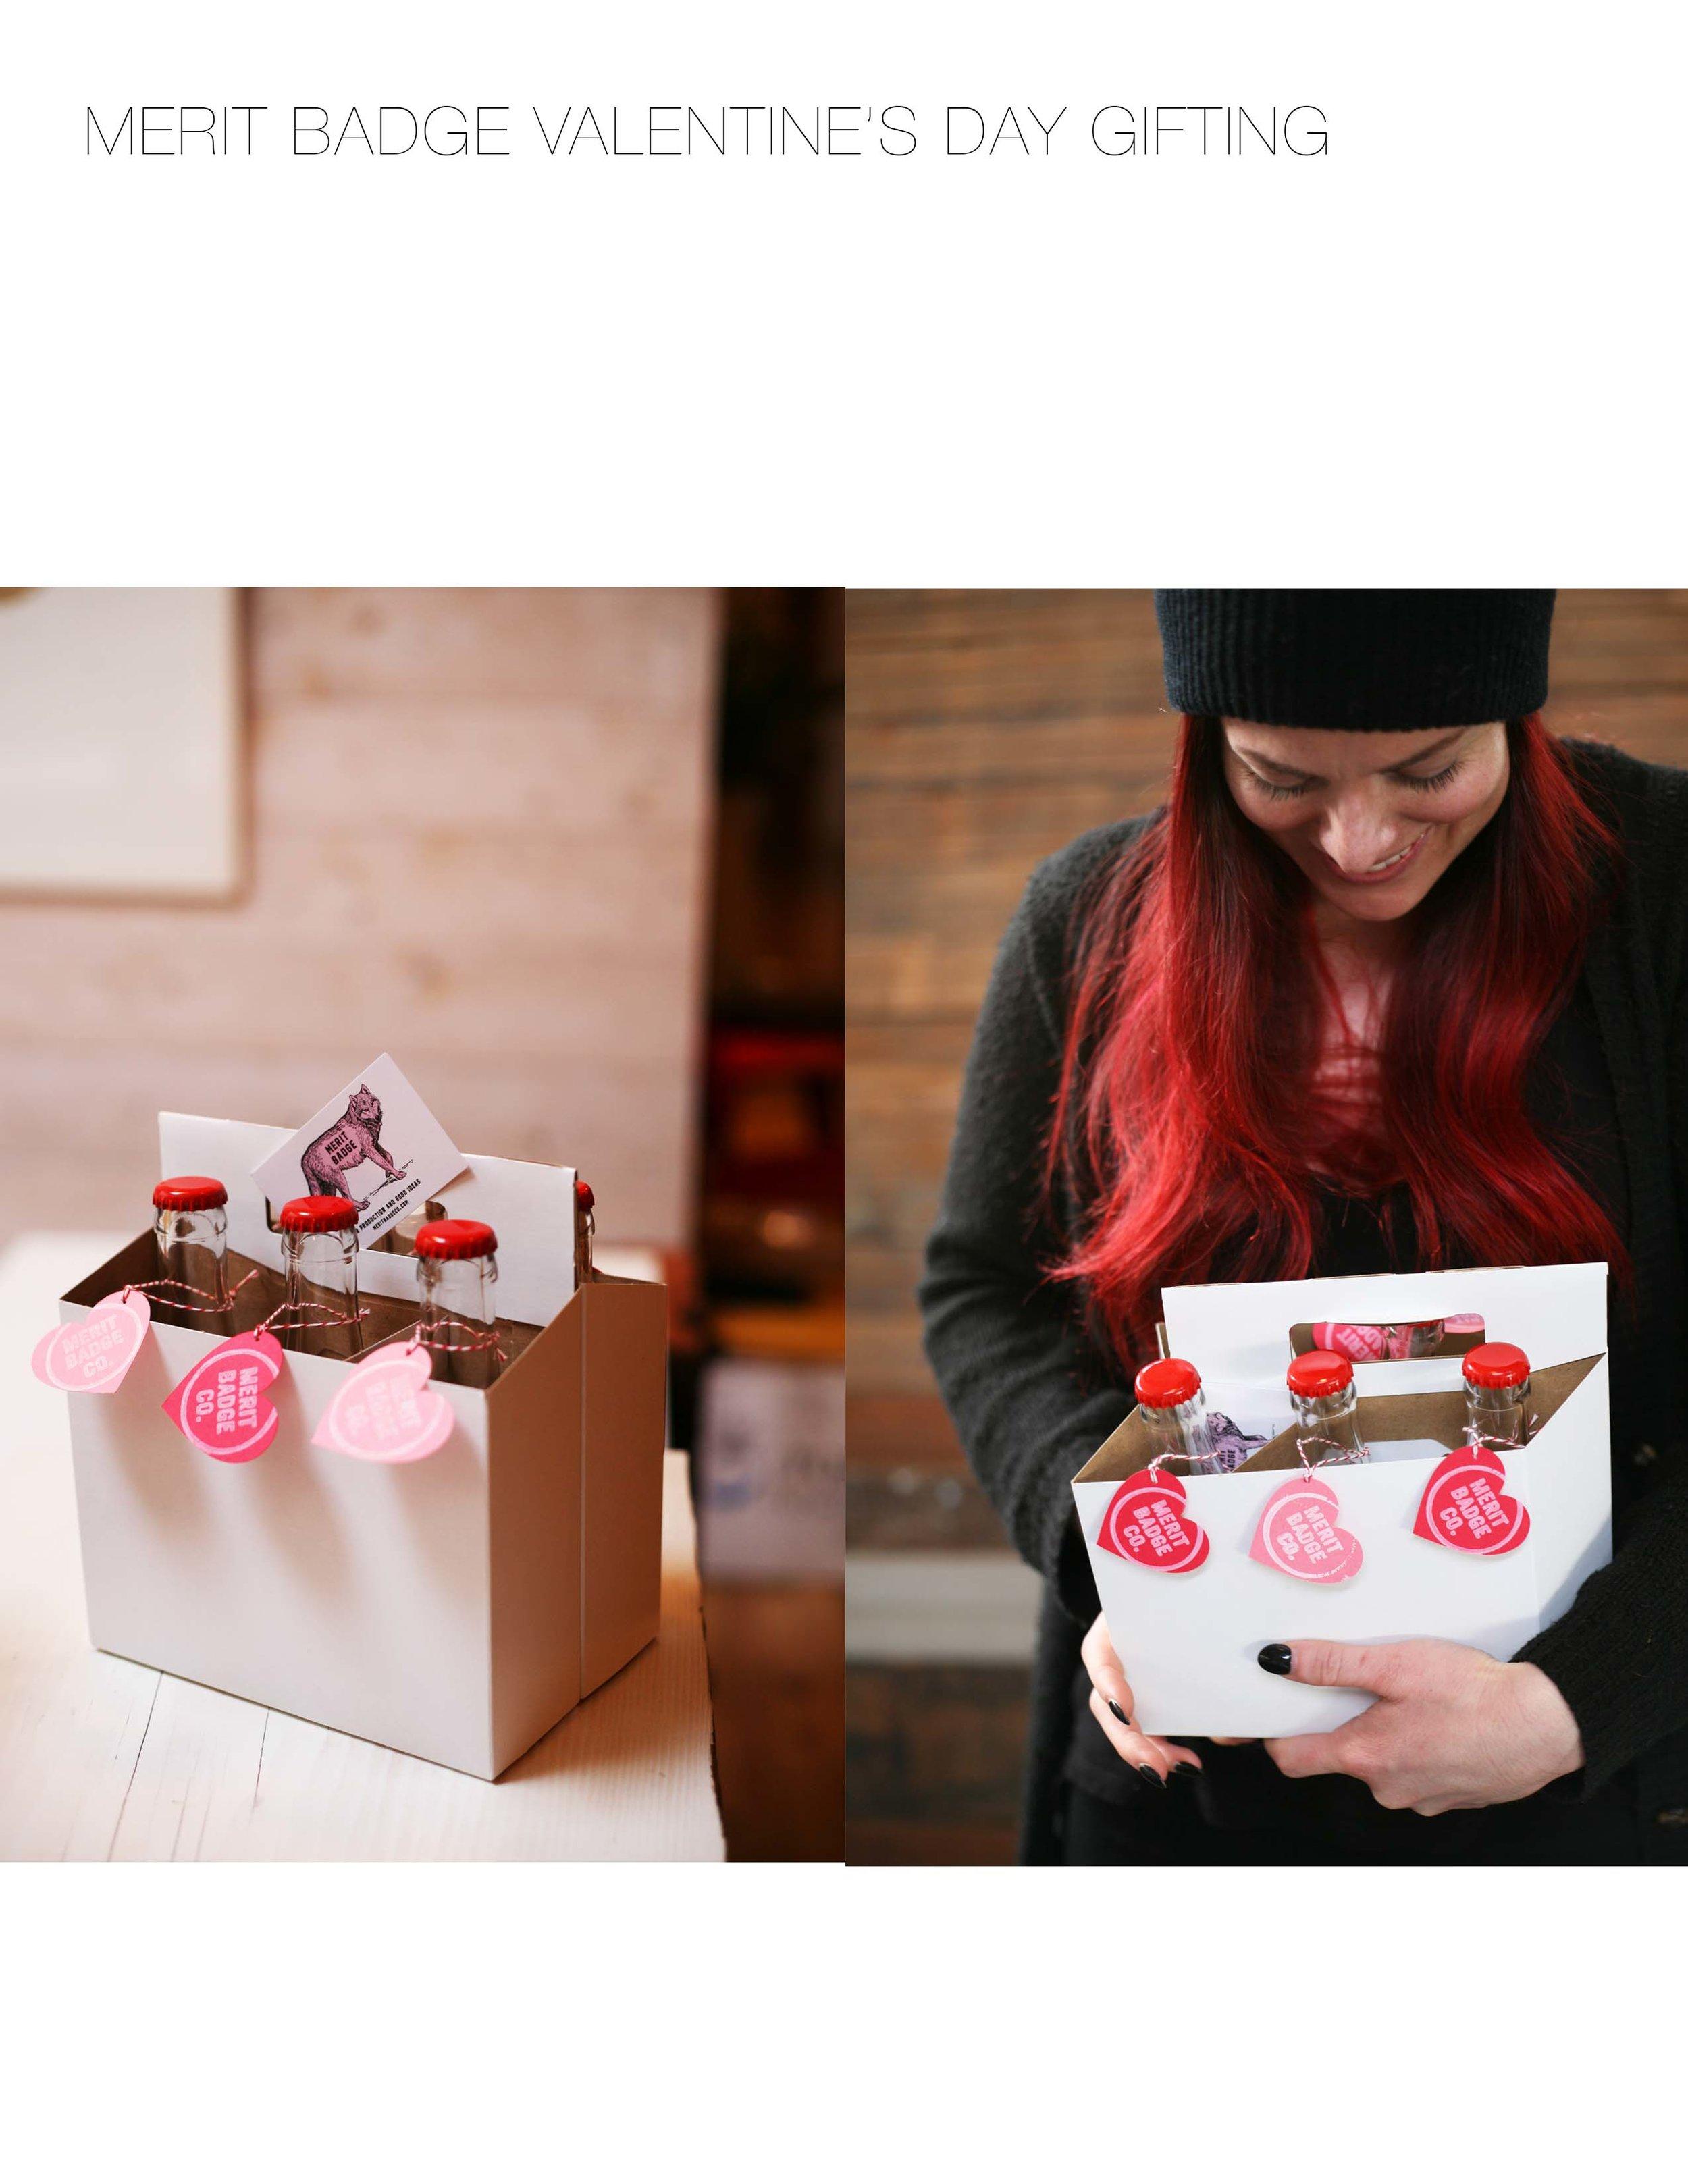 MB_vday_gift.jpg